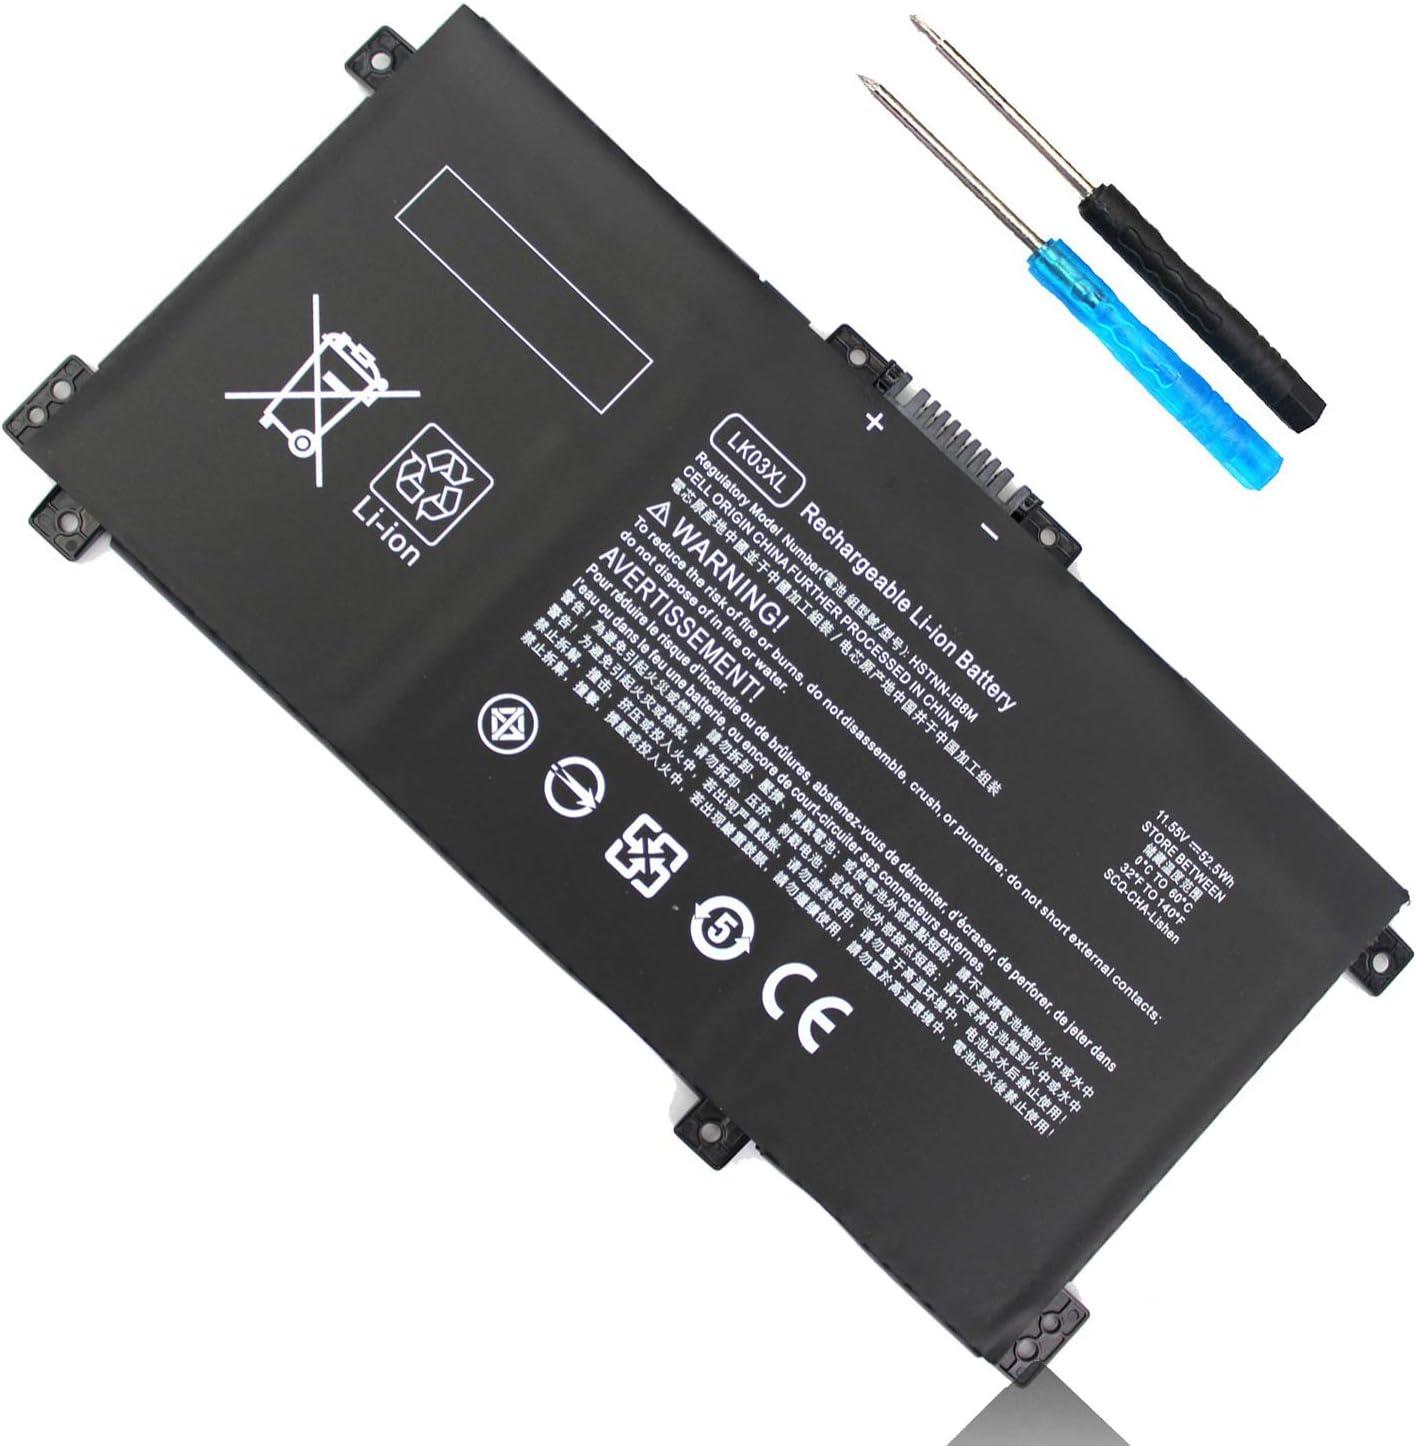 LK03XL l09281-855 L09280-855 916814-855 Battery for HP Envy X360 15m-bp112dx 15m-bp111dx 15m-bp011dx 15m-bp012dx 15m-bp1xx 15m-bq1xx 15m-cn0011dx 15m-cn0012dx 15-bp 15-bq Envy 17-ae 17m-ae 17m-ae0xx